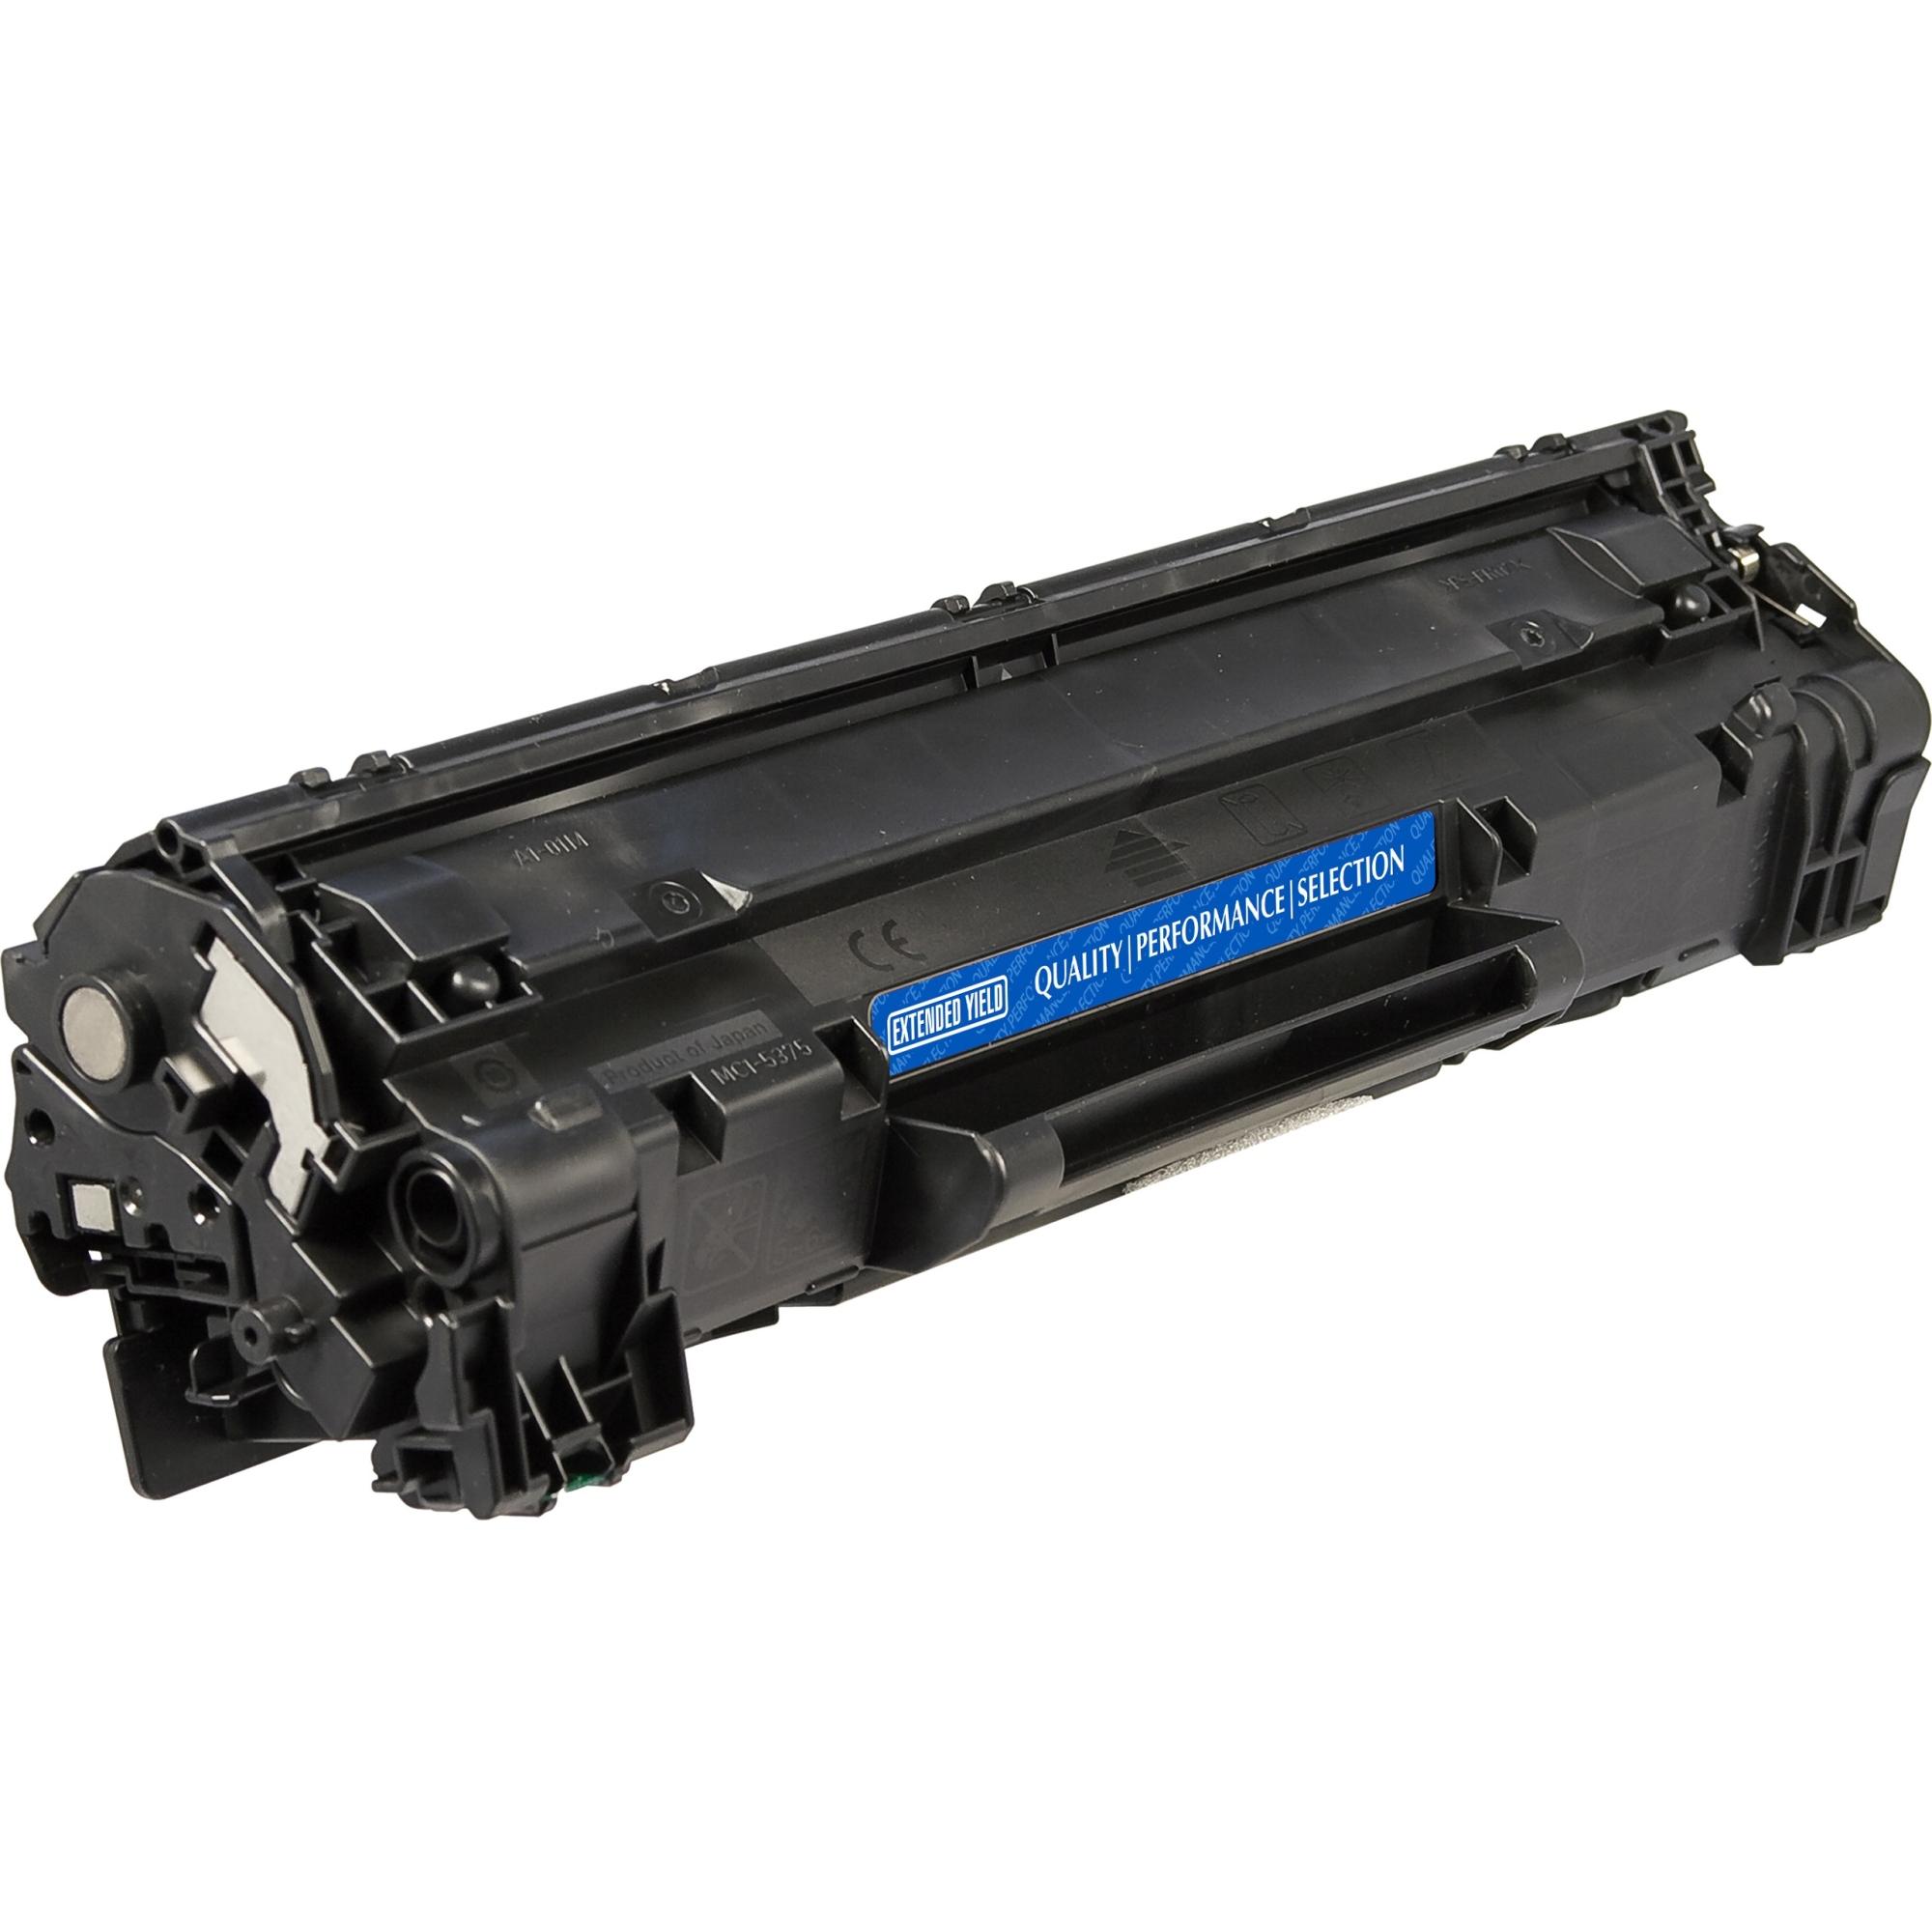 Black Toner Cartridge for HP LaserJet Pro M1130 M1132MFP M1134MFP M1136MFP M1137 M1138 M1139 M1210 M1212NF M1212F M1213NF M1214NFH M1216NFH M1217NFW M1219NF P1100 P1102 P1102W CE285A 1.6K YLD - Laser - 1600 Page